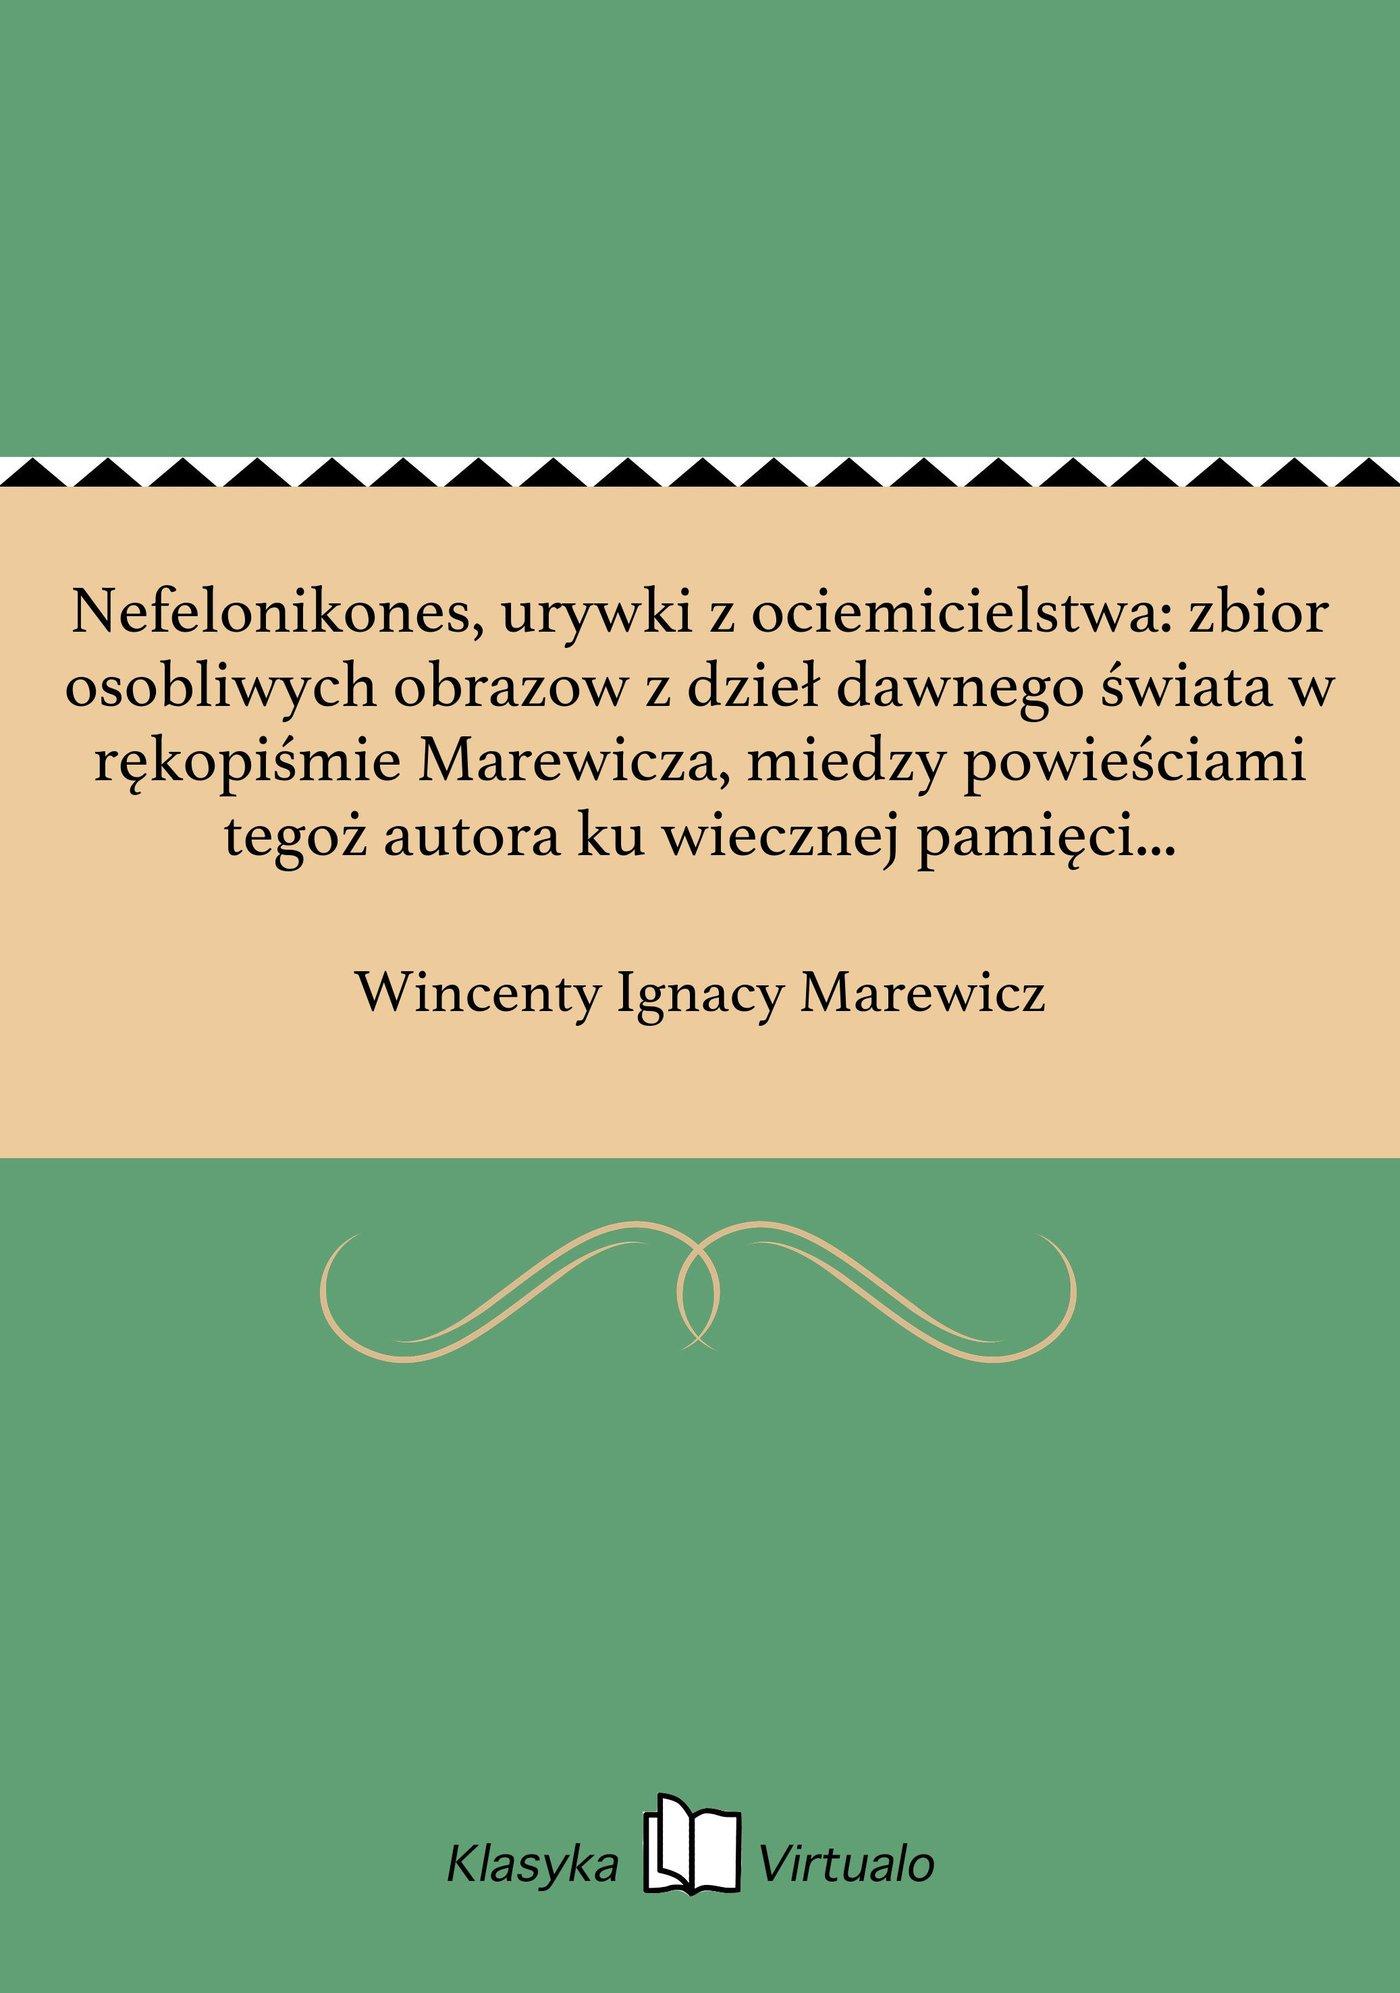 Nefelonikones, urywki z ociemicielstwa: zbior osobliwych obrazow z dzieł dawnego świata w rękopiśmie Marewicza, miedzy powieściami tegoż autora ku wiecznej pamięci zachowany - Ebook (Książka EPUB) do pobrania w formacie EPUB